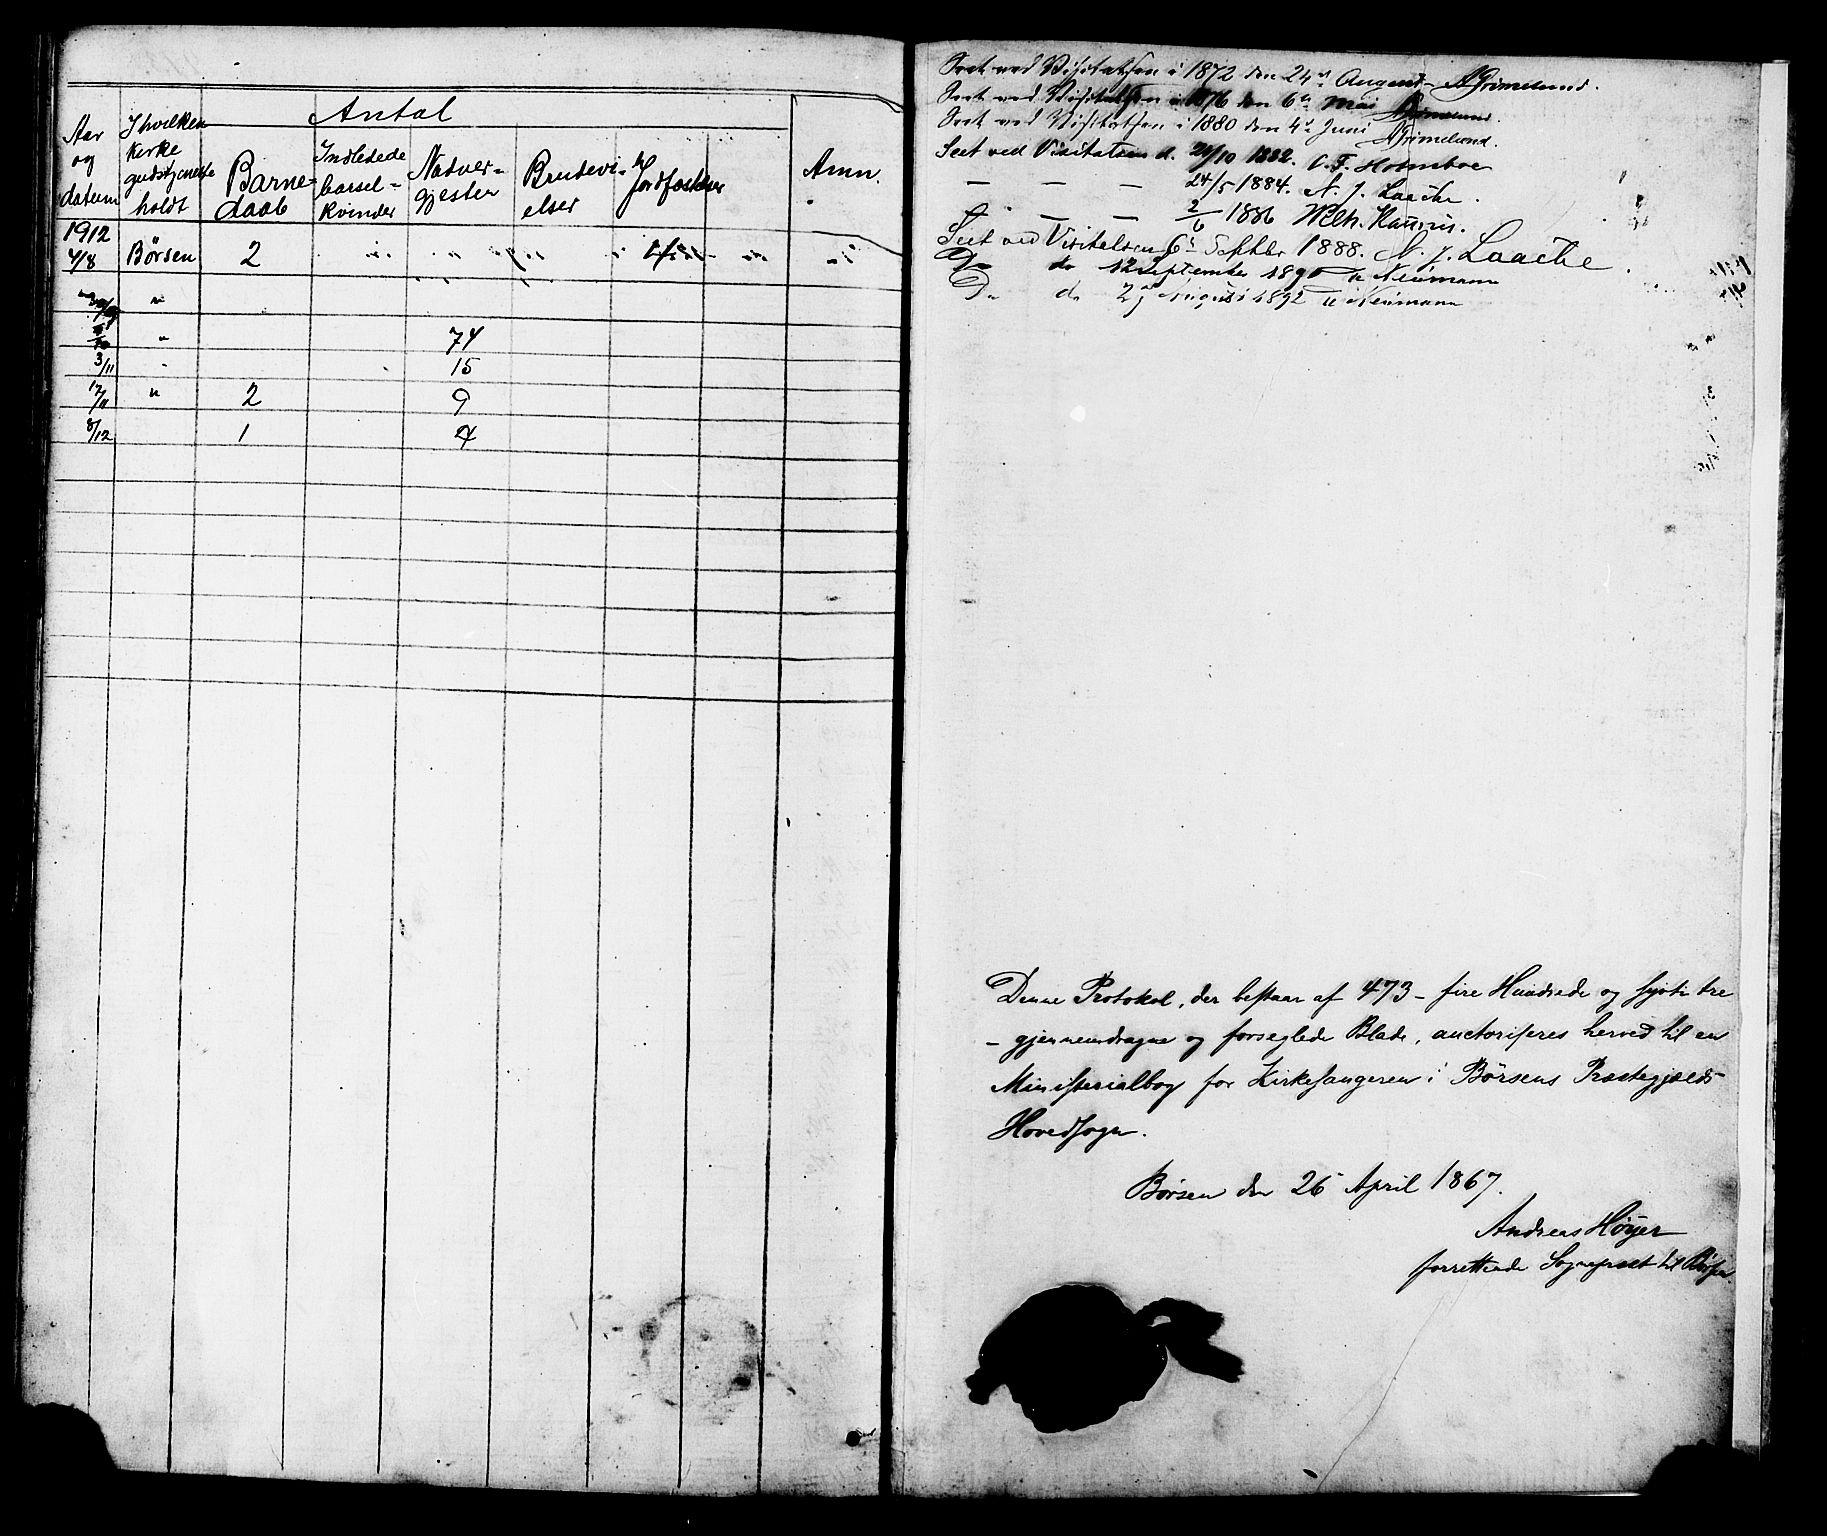 SAT, Ministerialprotokoller, klokkerbøker og fødselsregistre - Sør-Trøndelag, 665/L0777: Klokkerbok nr. 665C02, 1867-1915